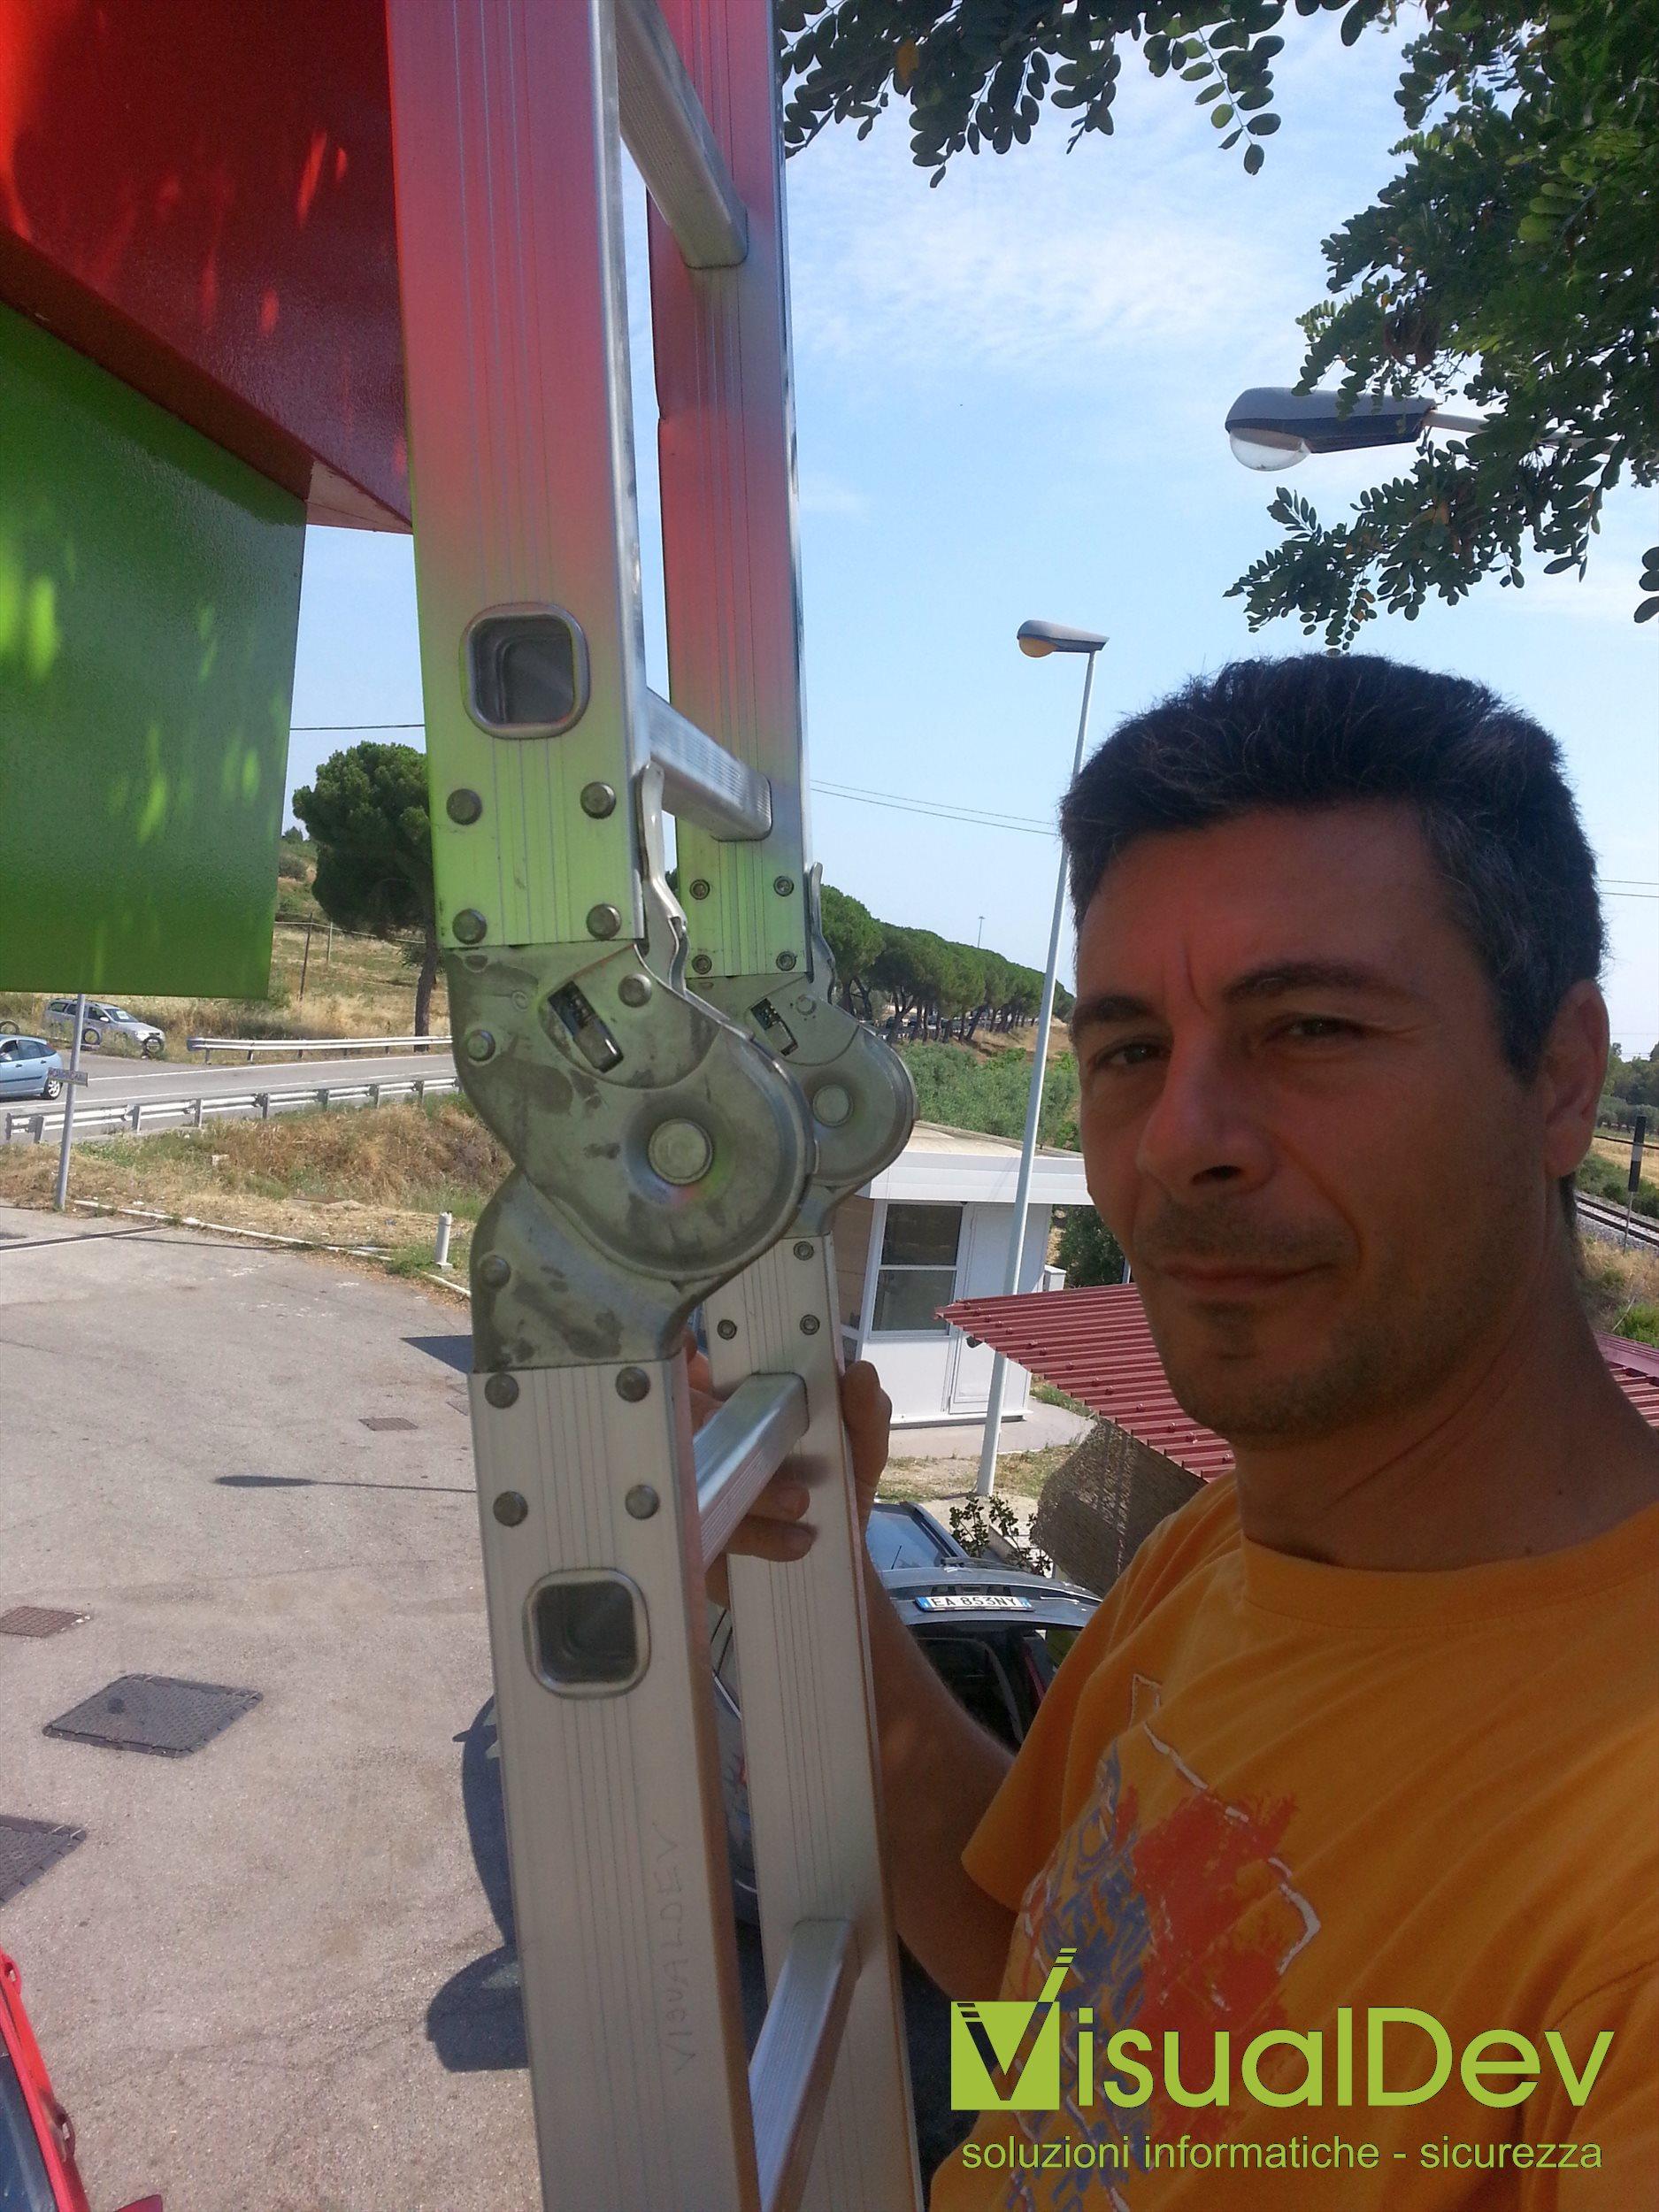 Manutenzione impianto tvcc stazione di servizio